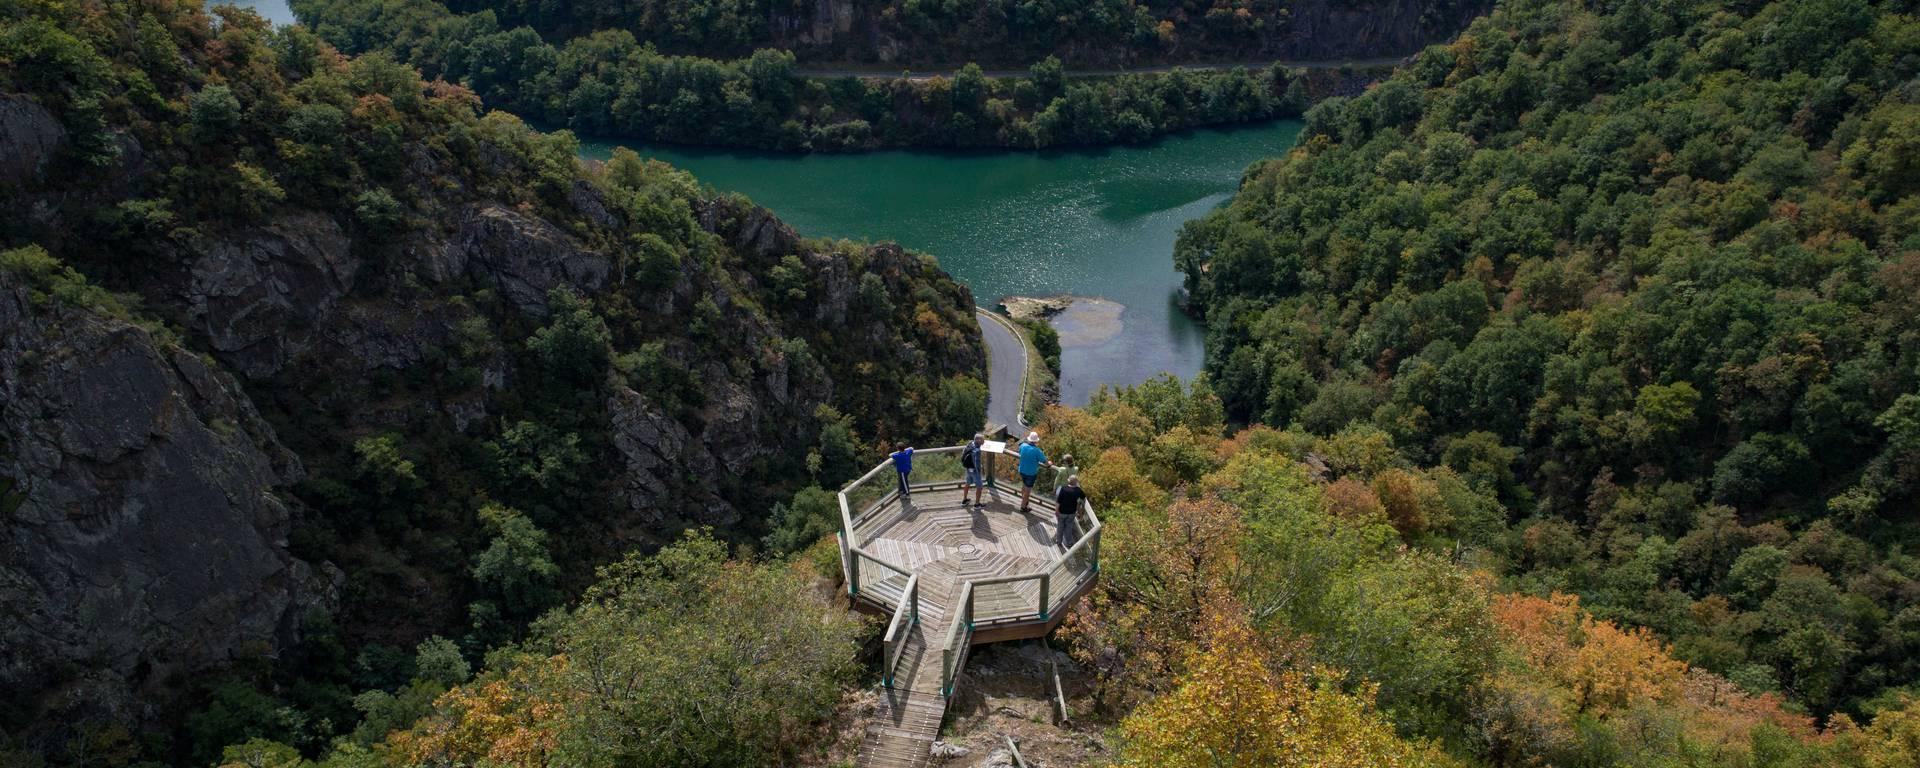 Belvédère Ayssènes dans la vallée du Tarn